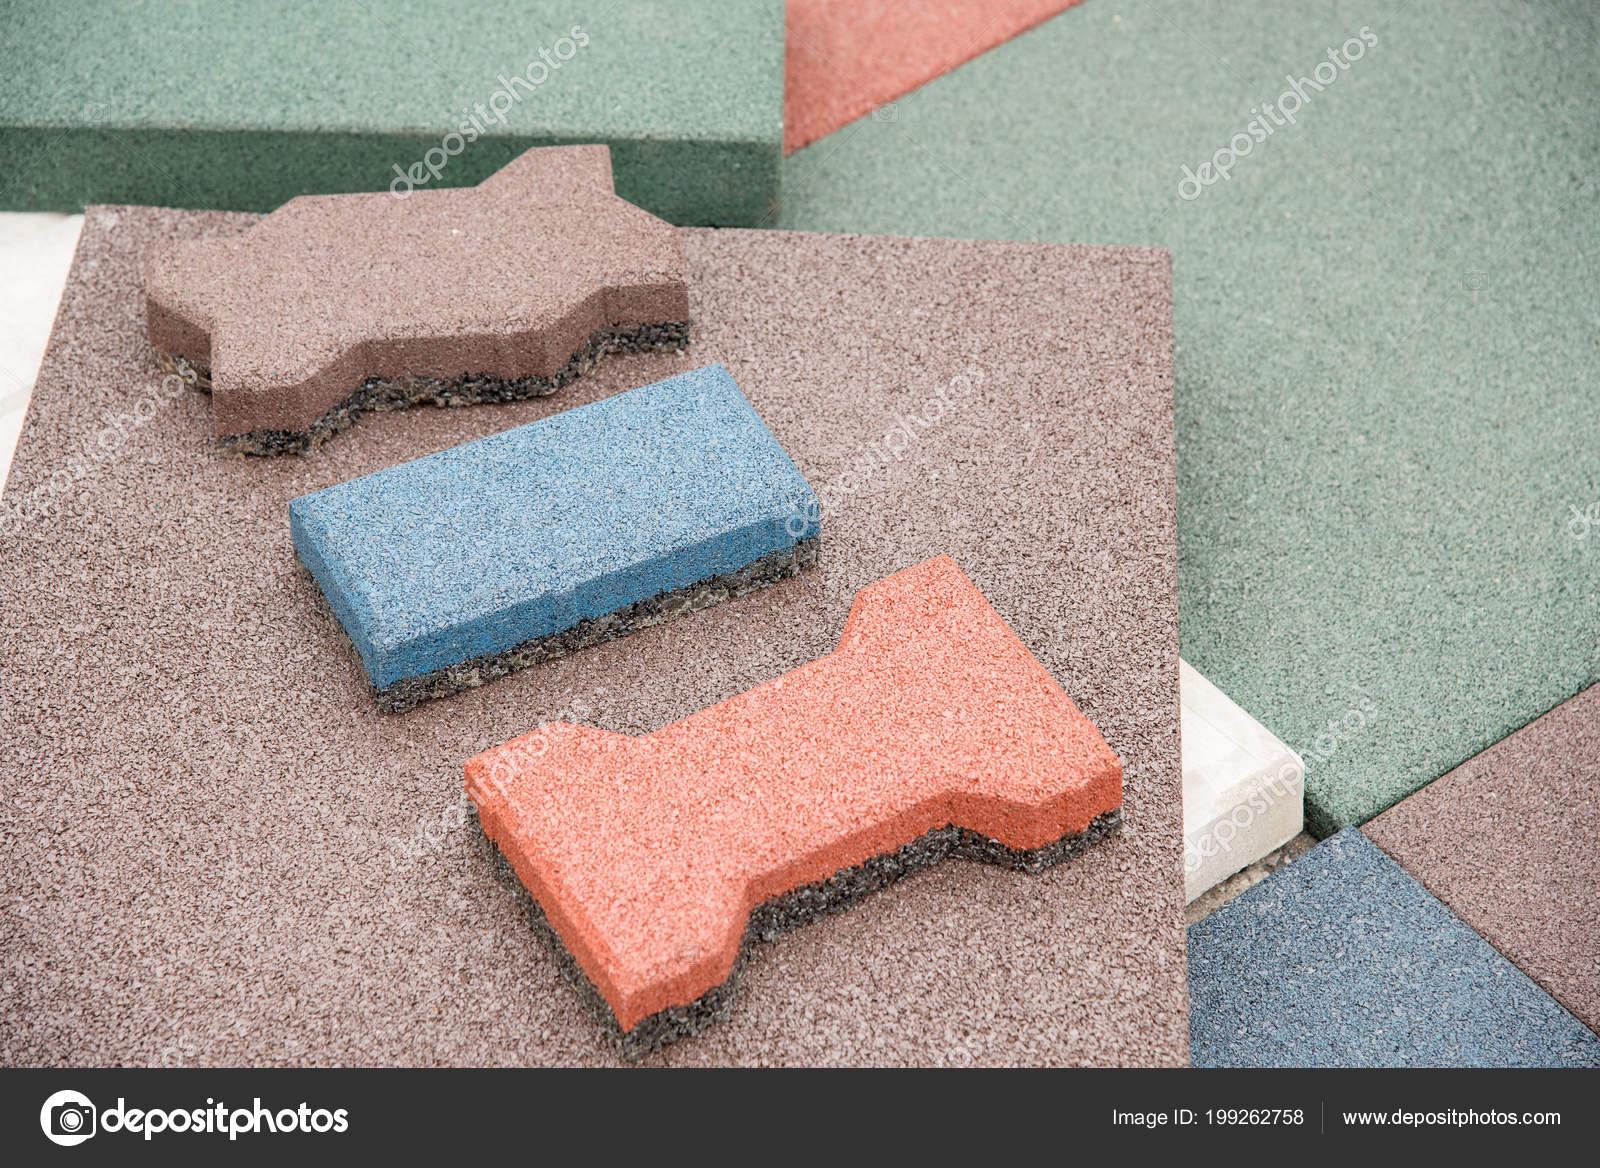 Gewaltig Moderne Bodenbeläge Referenz Von Bodenbeläge Form Von Gummifliesen Und Details Von